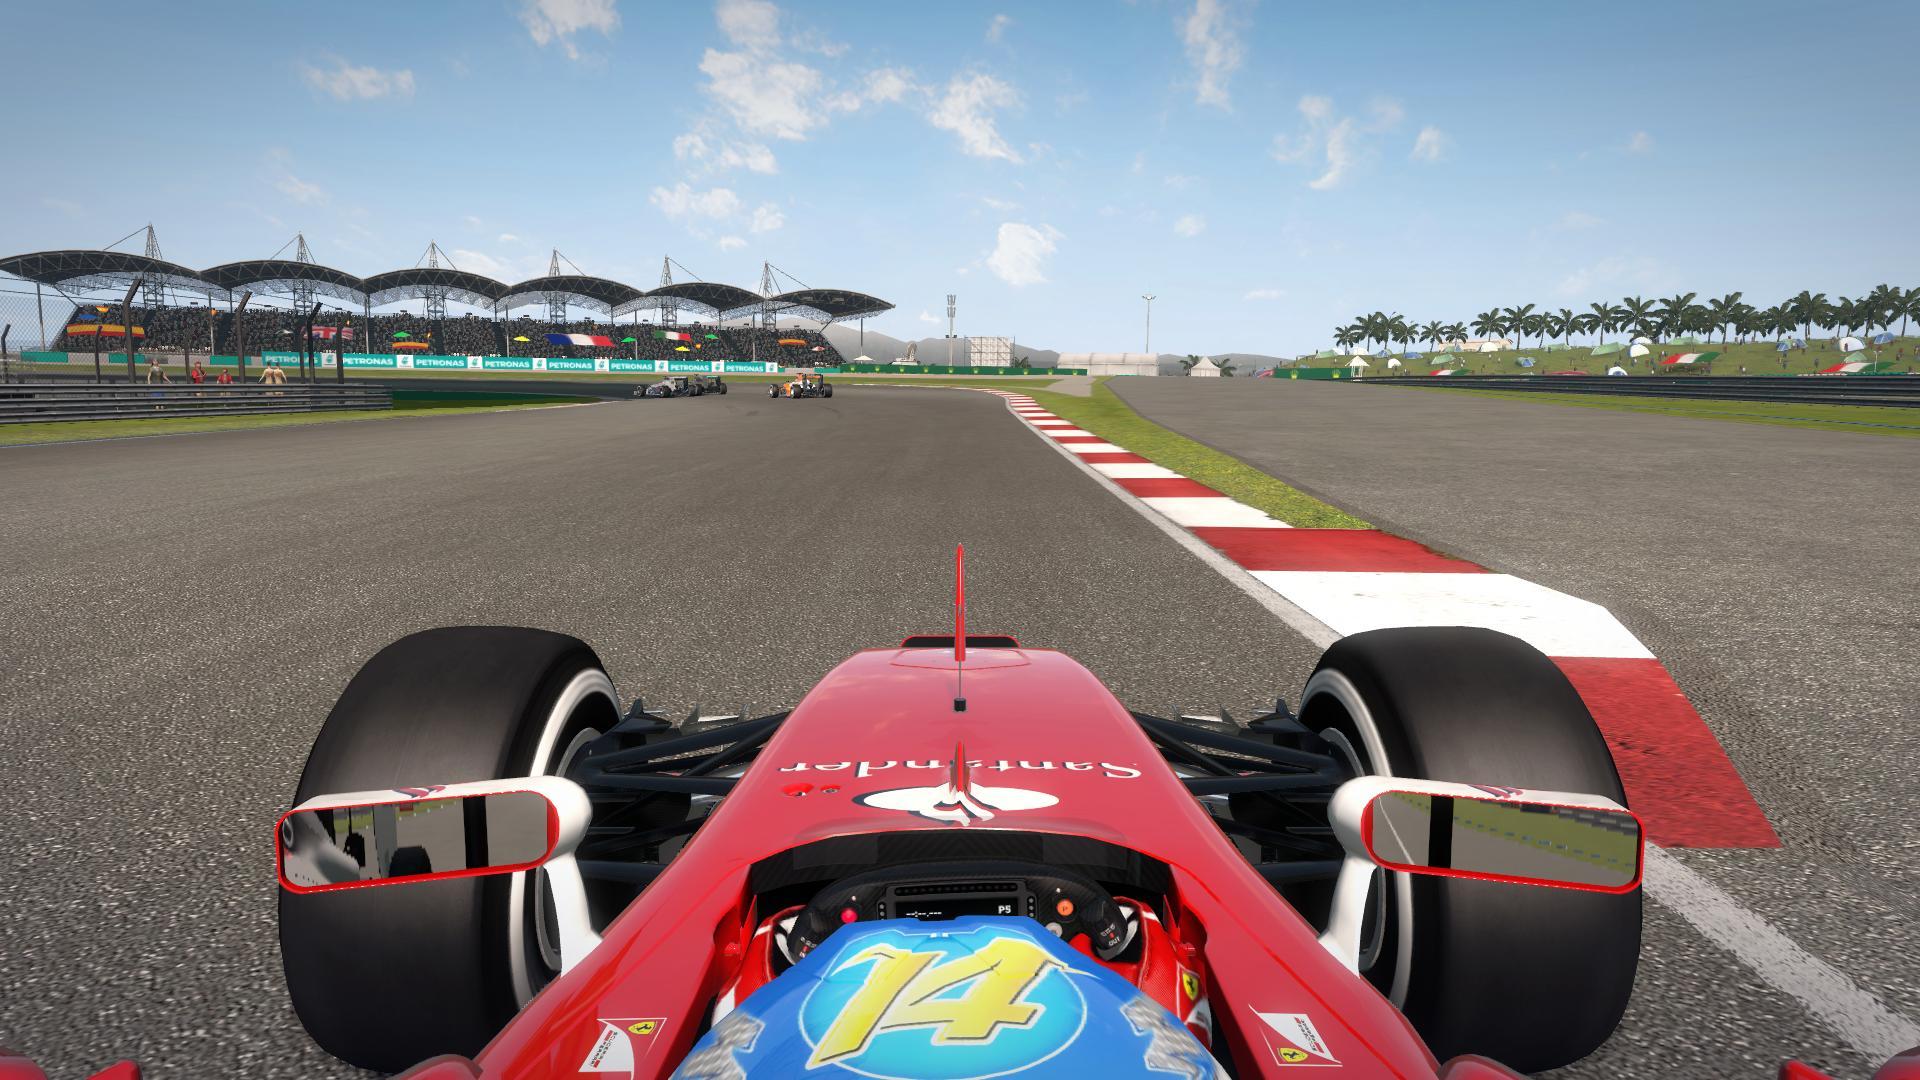 F1_2014 2017-03-13 19-09-39-45.jpg